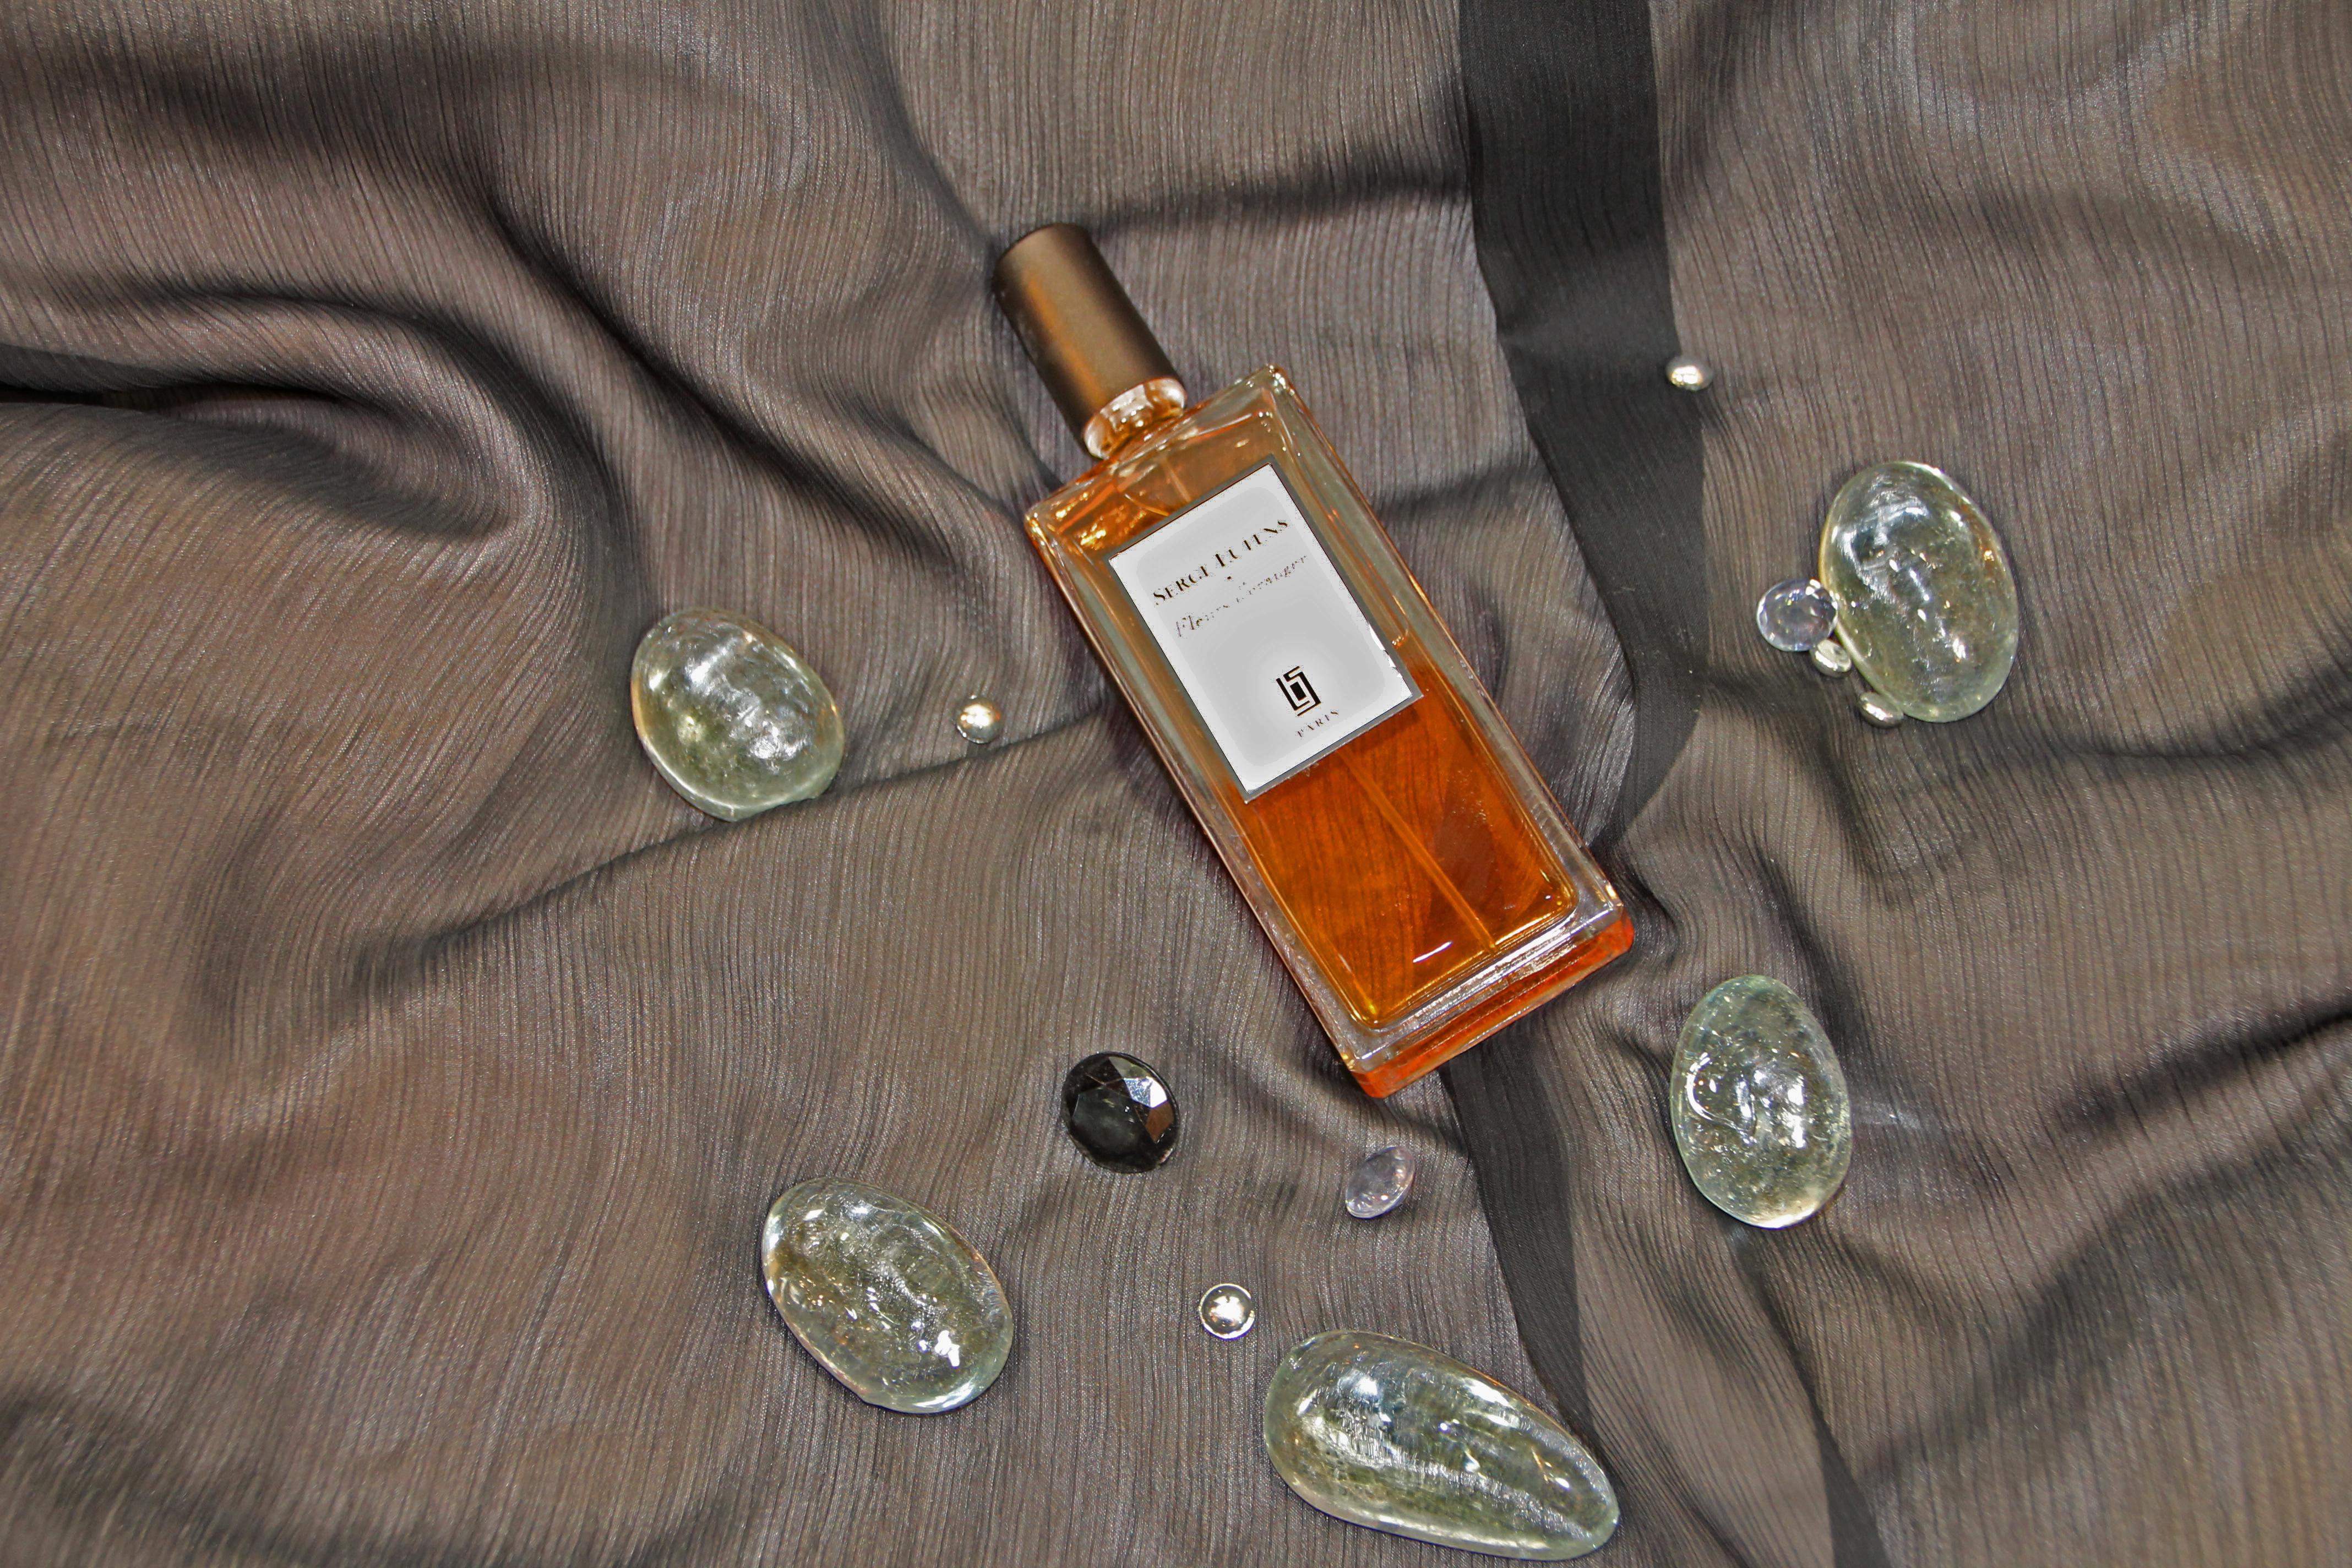 Parfum Mon Pas Mon Parfum CherMissglamazone Pas 7g6Yfby